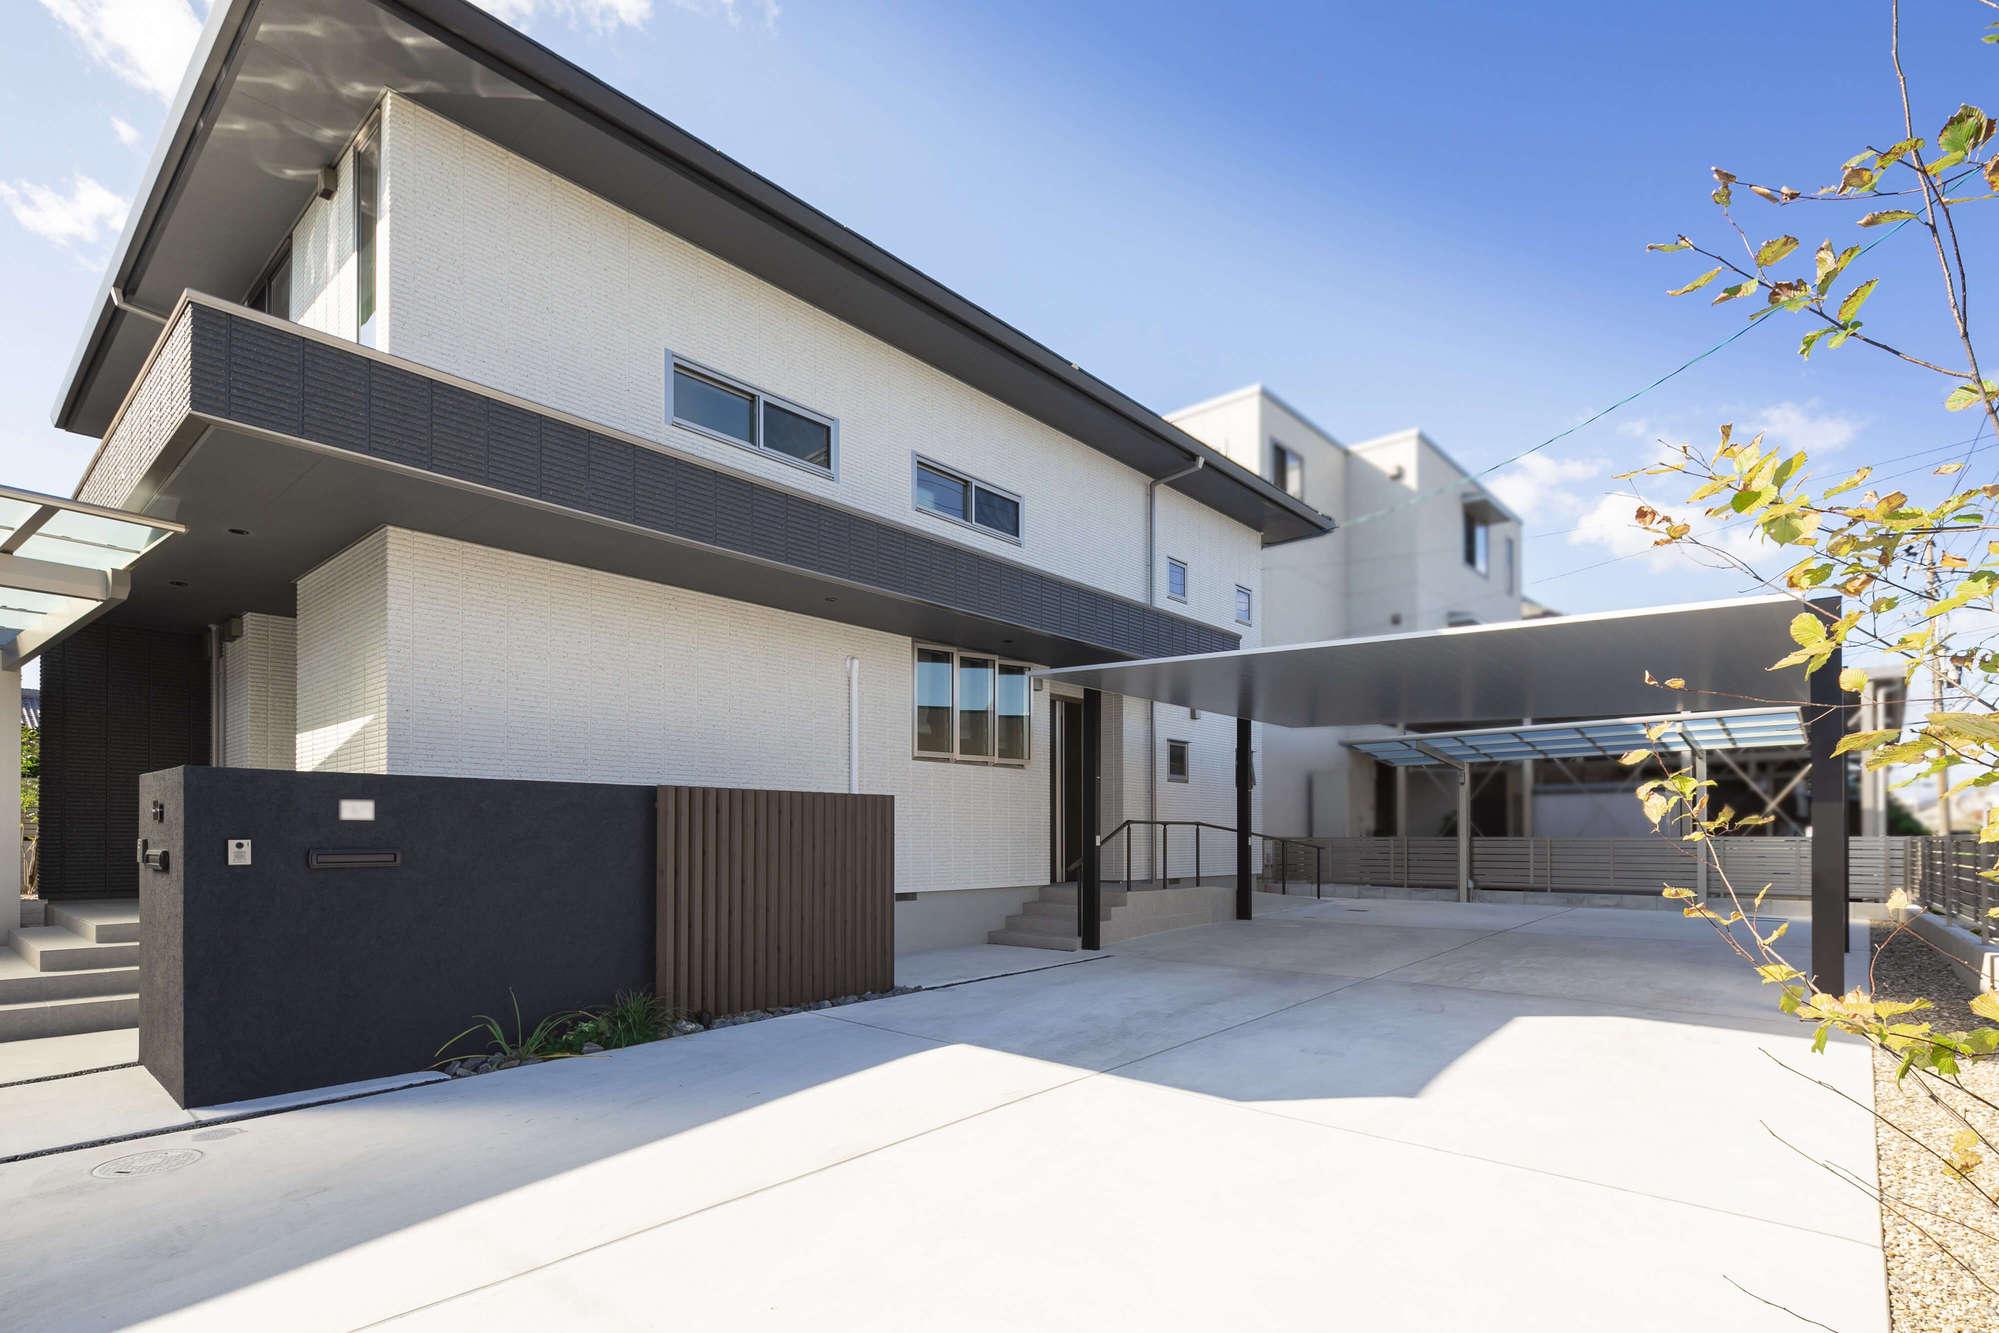 へーベルハウス 新築外構 二世帯住宅 外構 シンプルモダンデザイン カーポート